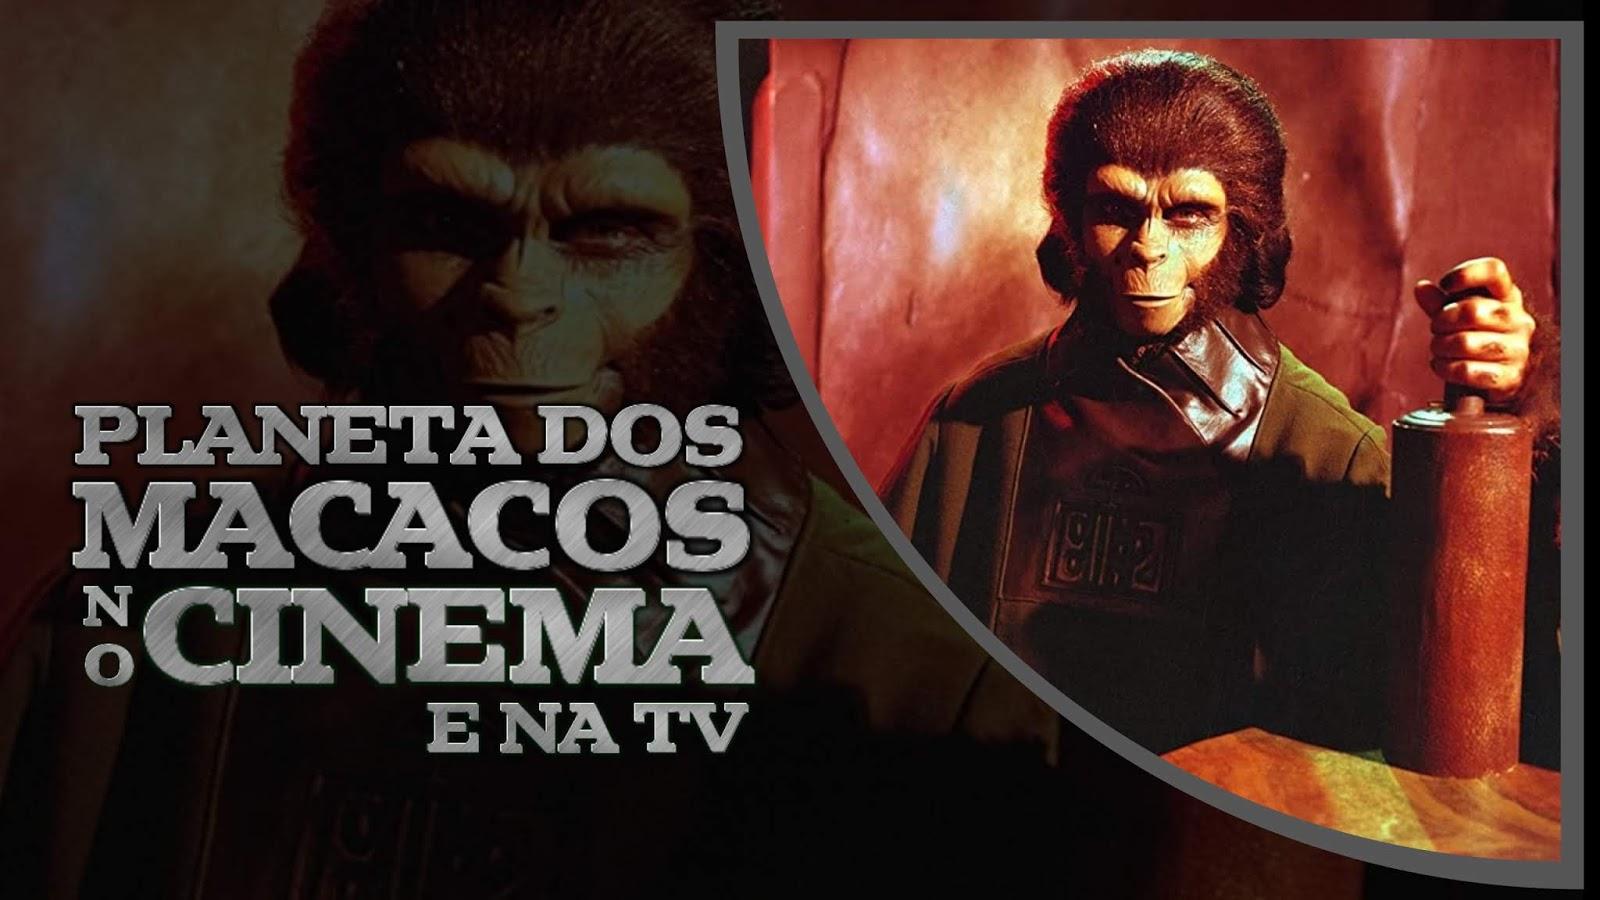 planeta-dos-macacos-no-cinema-tv.